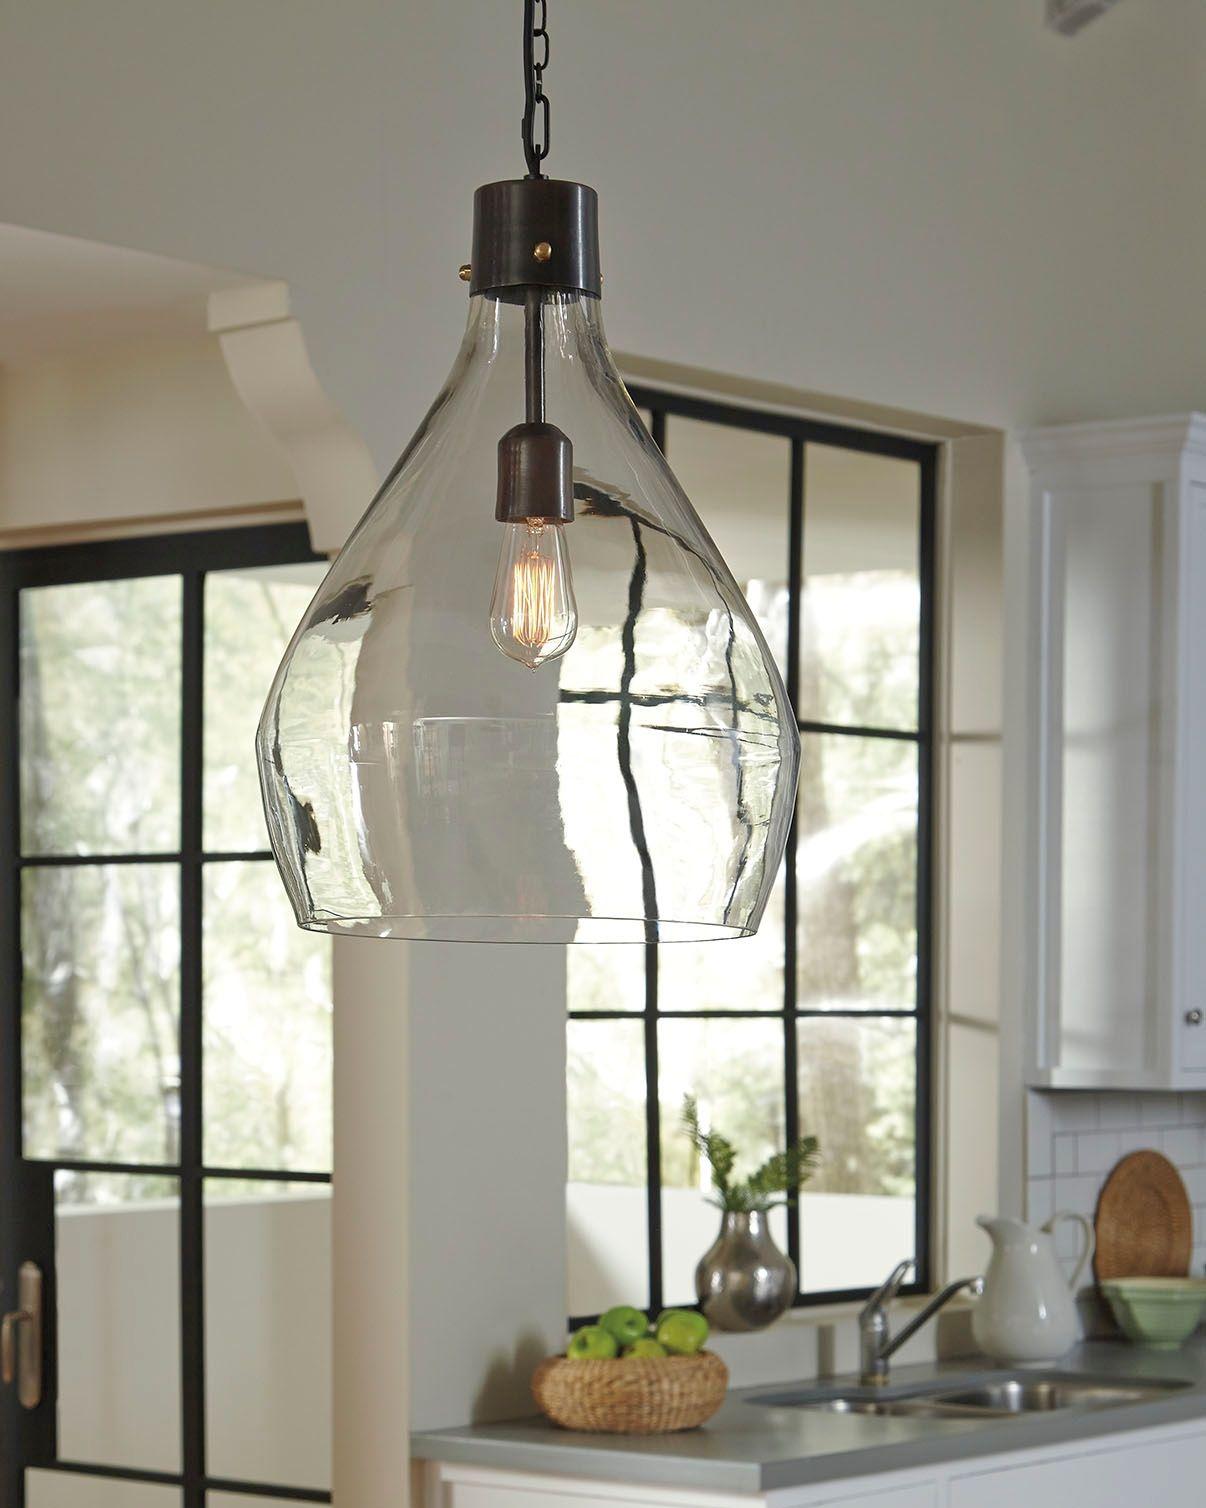 Beleuchtung ideen über kücheninsel avalbane pendant light cleargray  es werde licht in